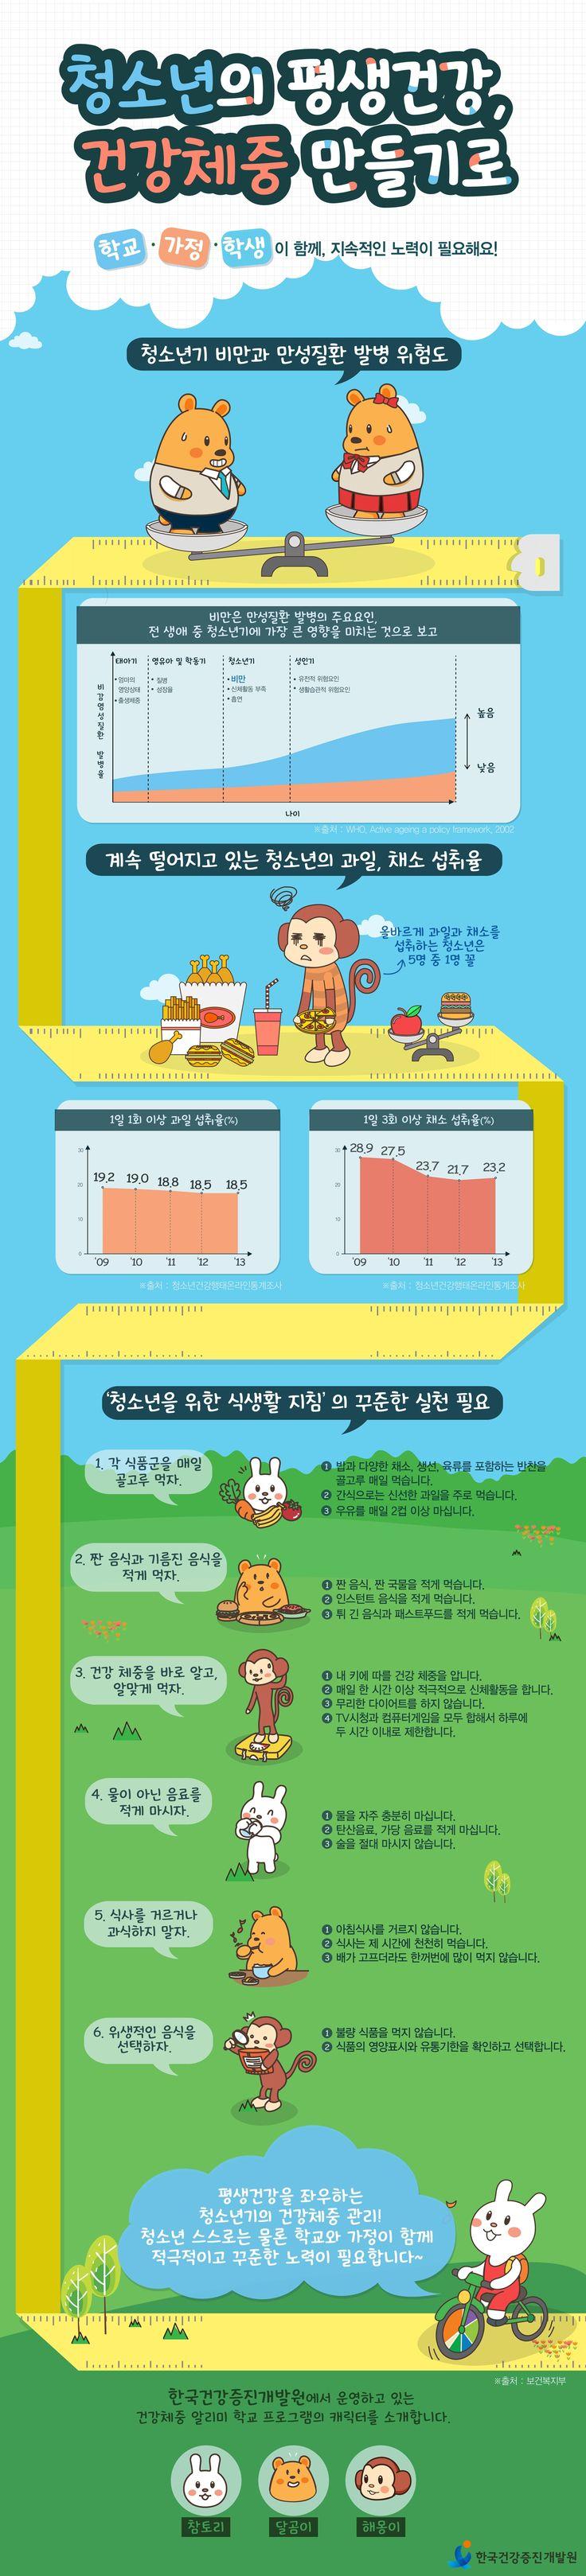 청소년기 비만, 전 생애 만성질환 발병률 높여 [인포그래픽] #obesity / #Infographic ⓒ 비주얼다이브 무단 복사·전재·재배포 금지